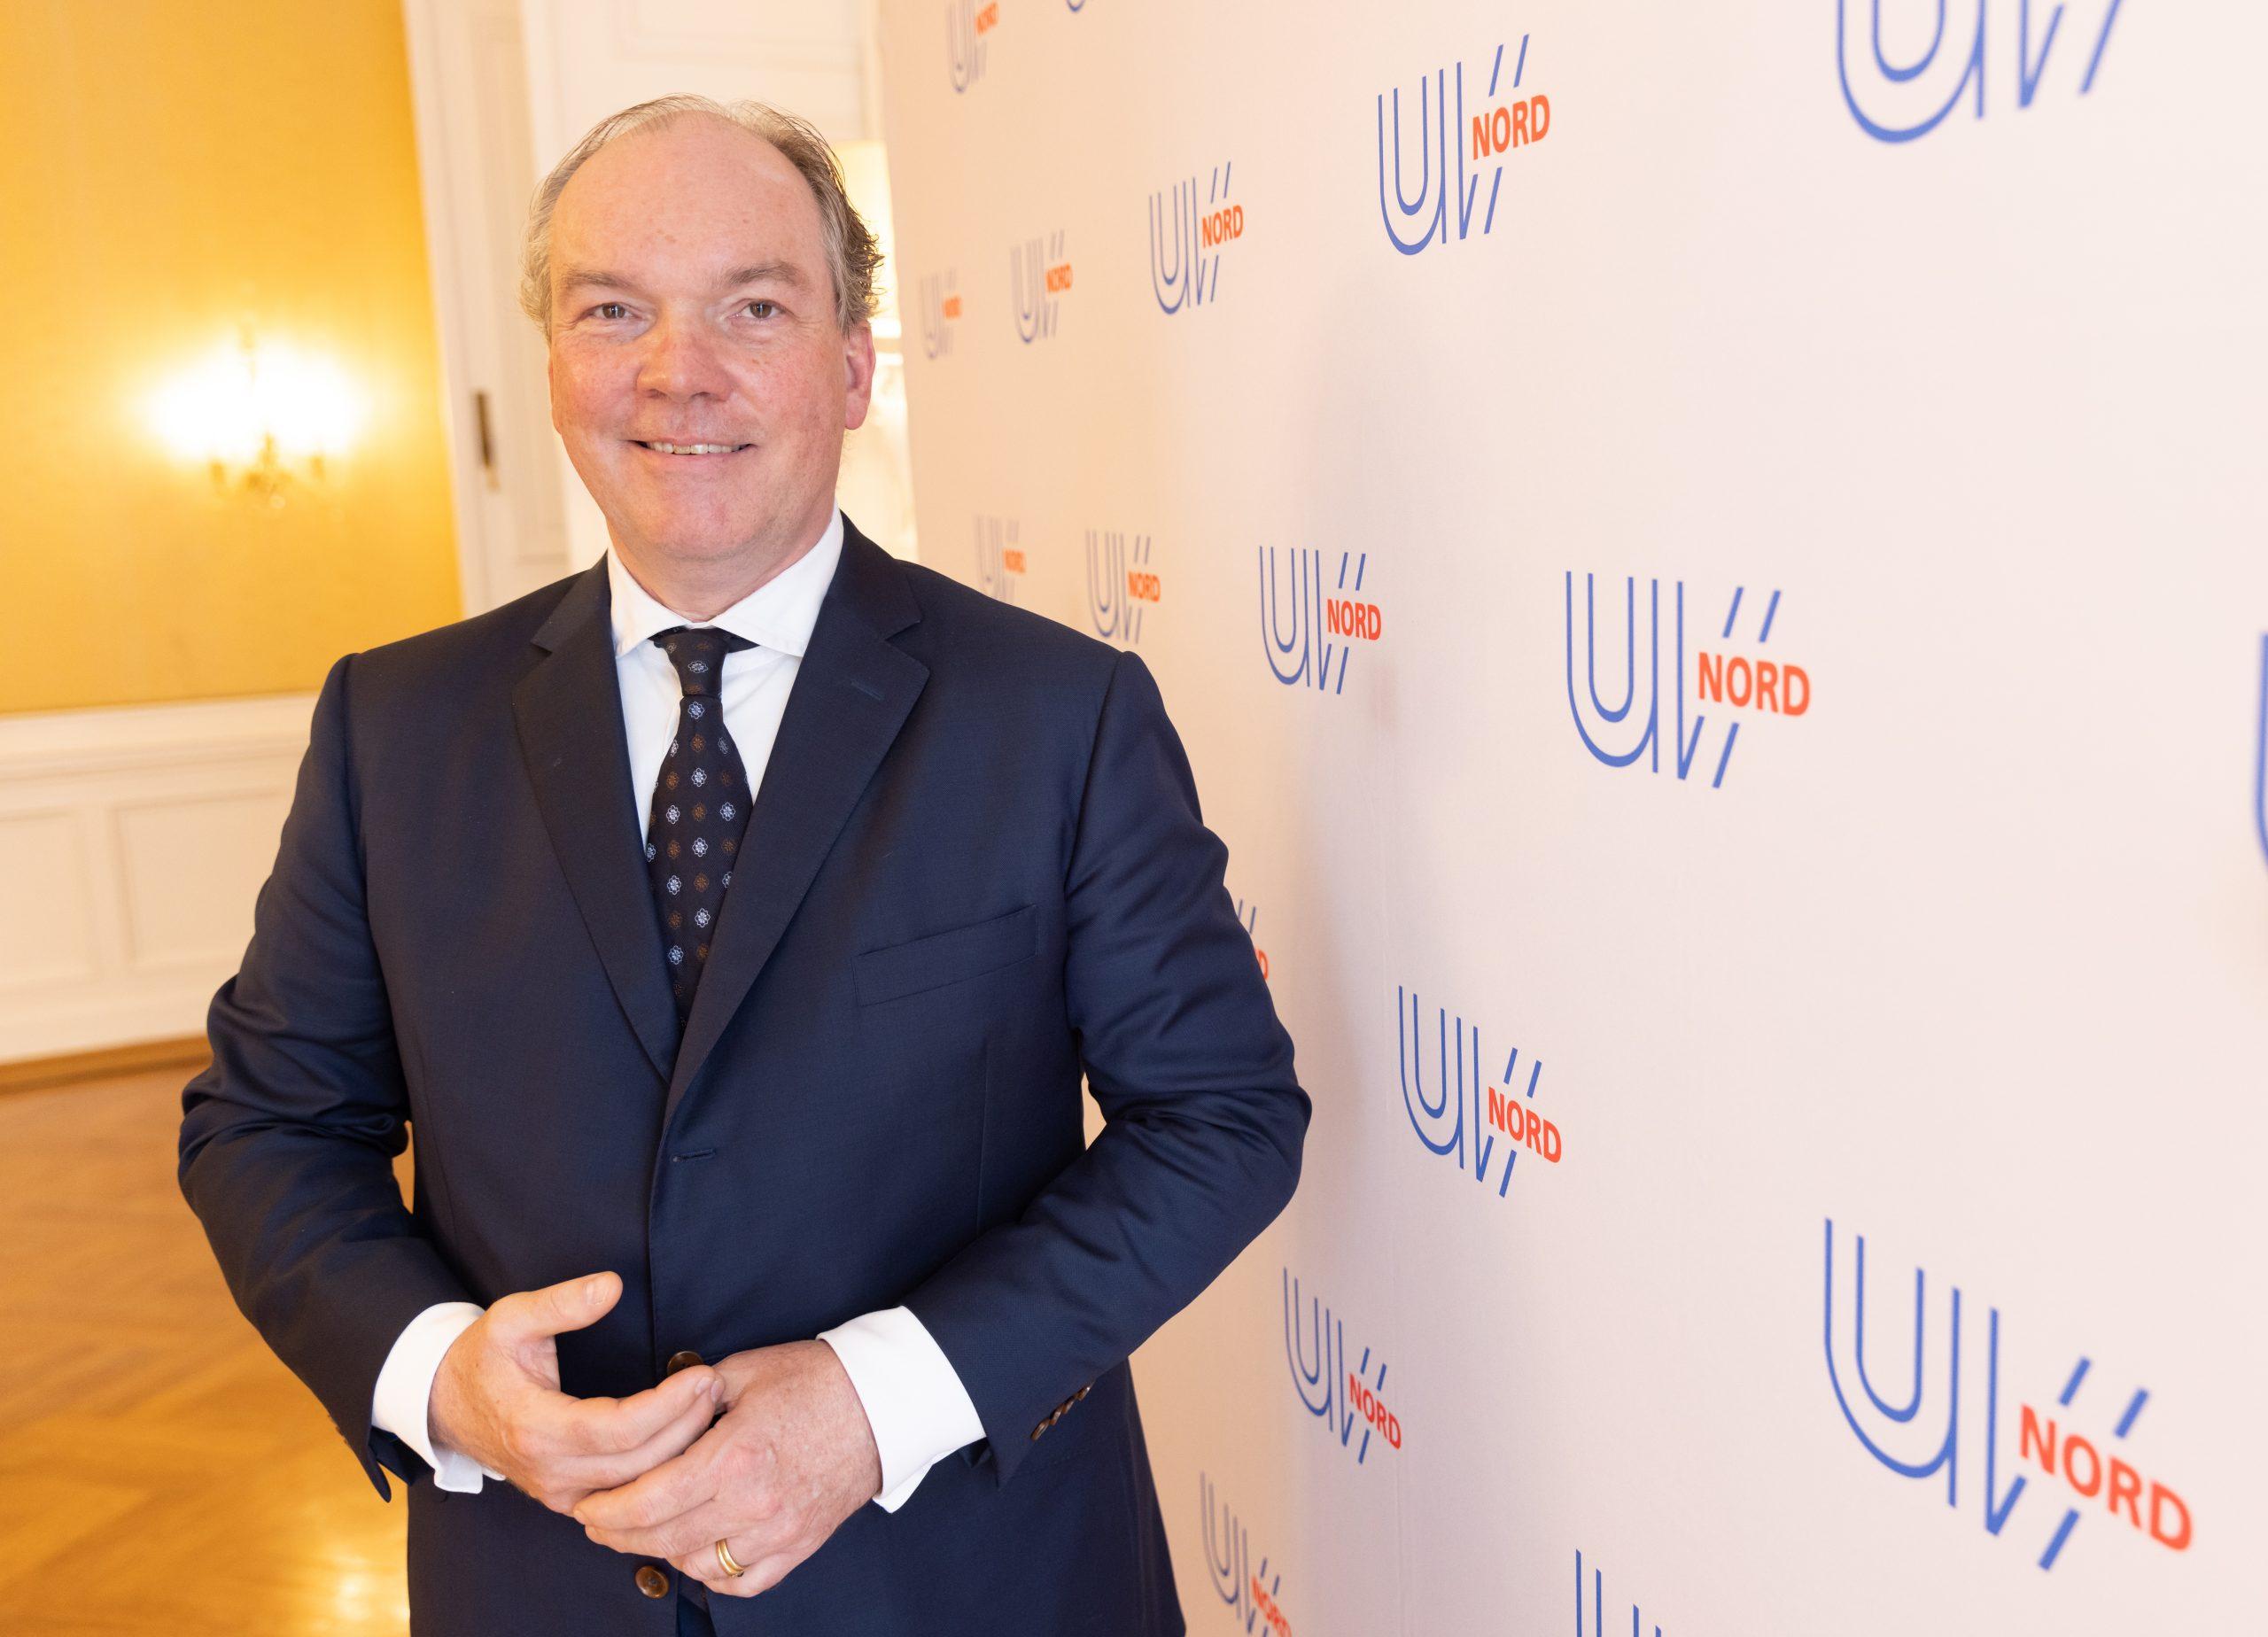 UVNord -Dr. Philipp Murmann ist der neue UVNord-Präsident